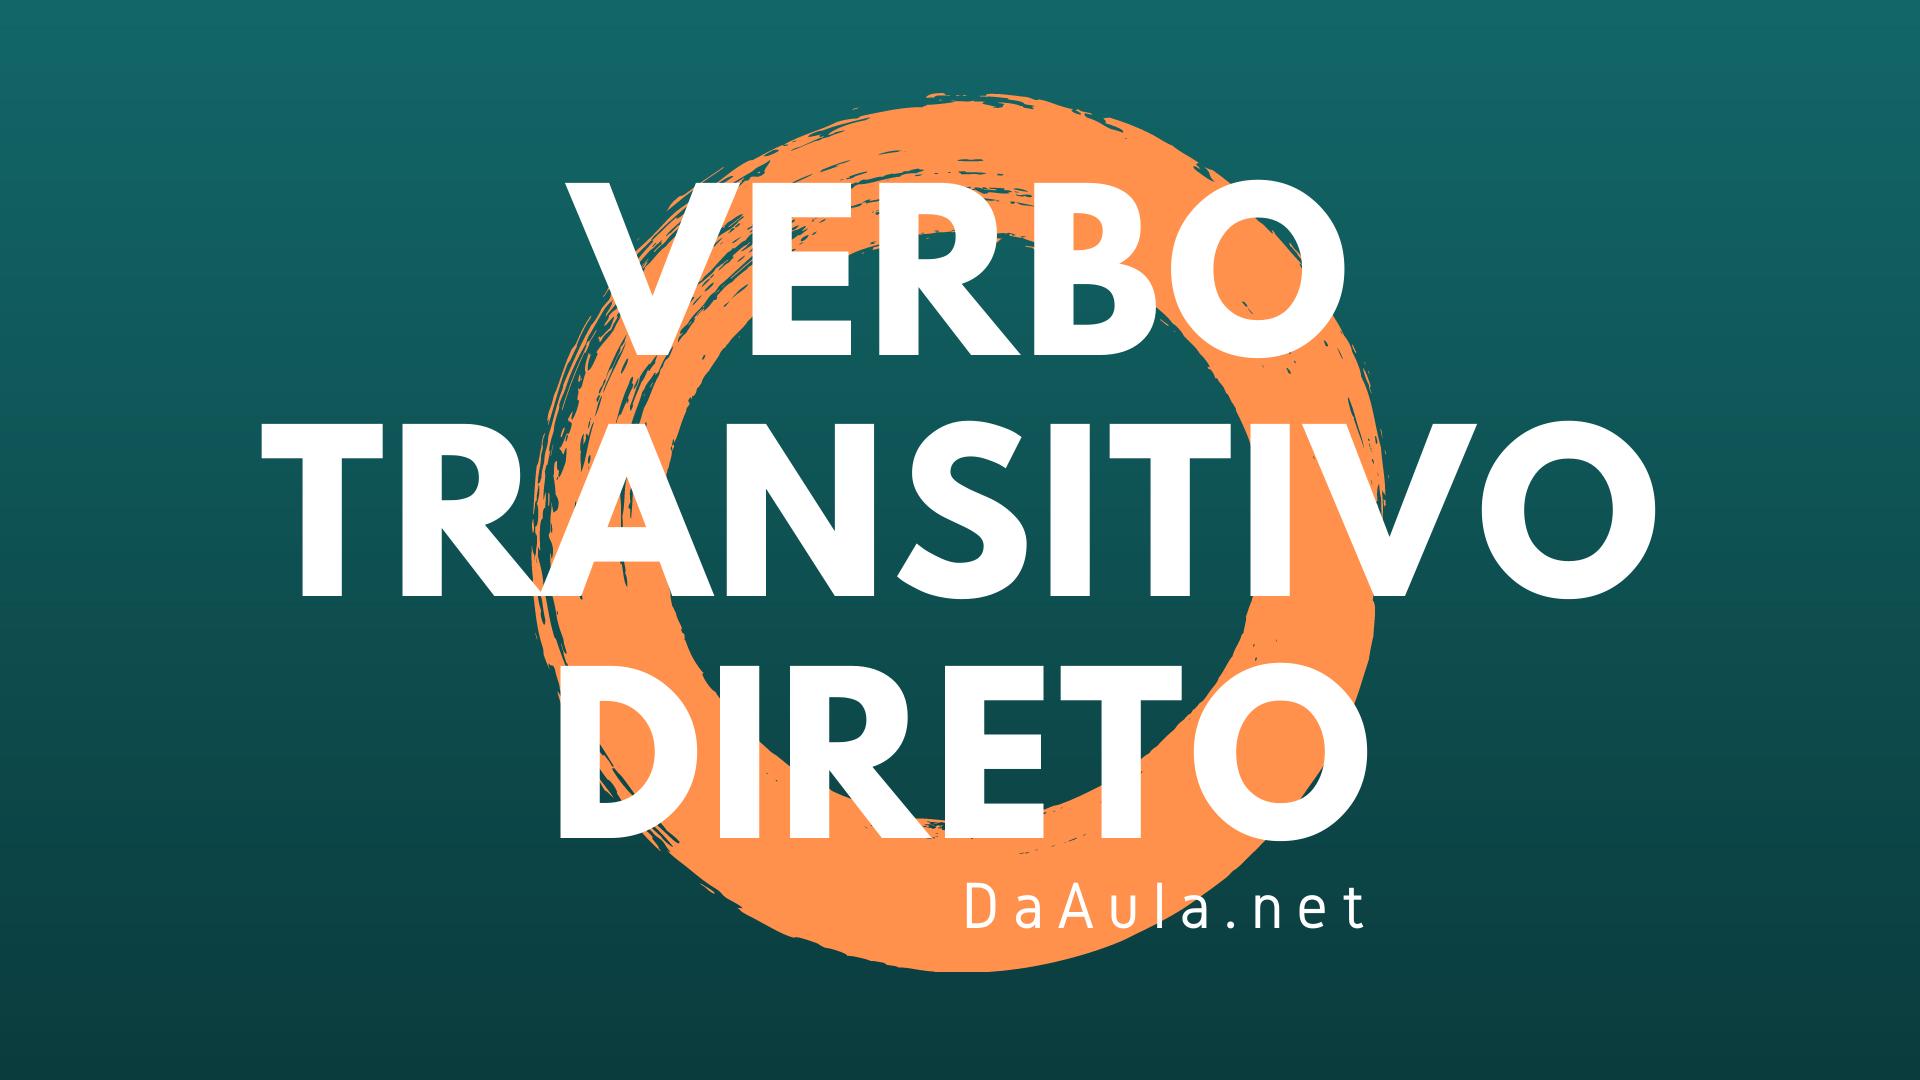 Língue Portuguesa: O que é Verbo Transitivo Direto